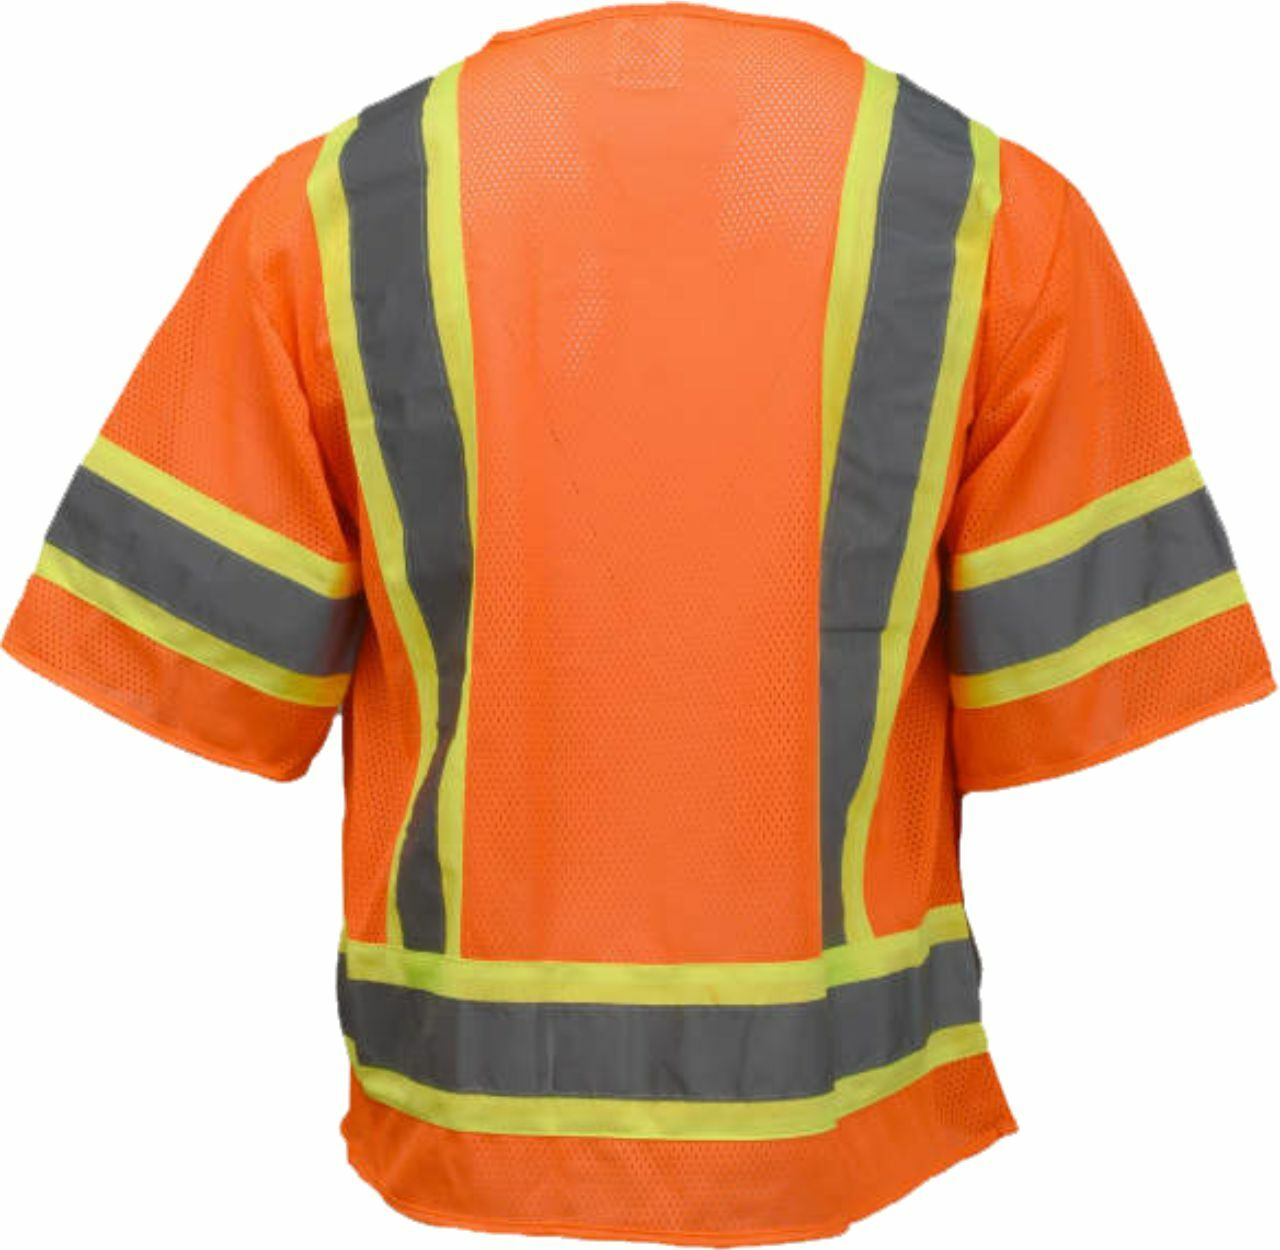 Safety Orange 3 Tone Class 2 Safety Vest